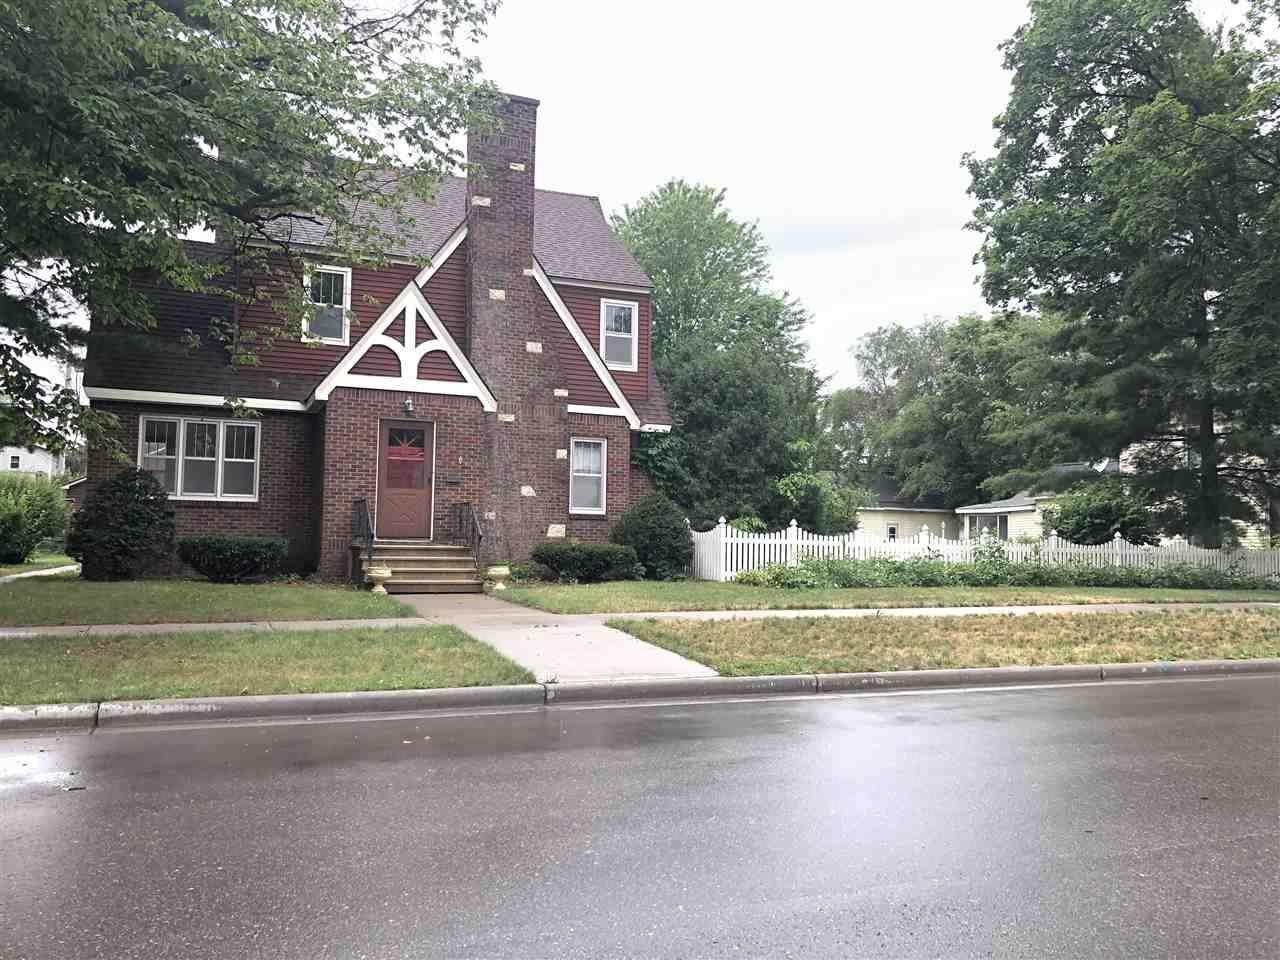 135 N Michigan St, Prairie du Chien, WI 53821 - #: 1913213